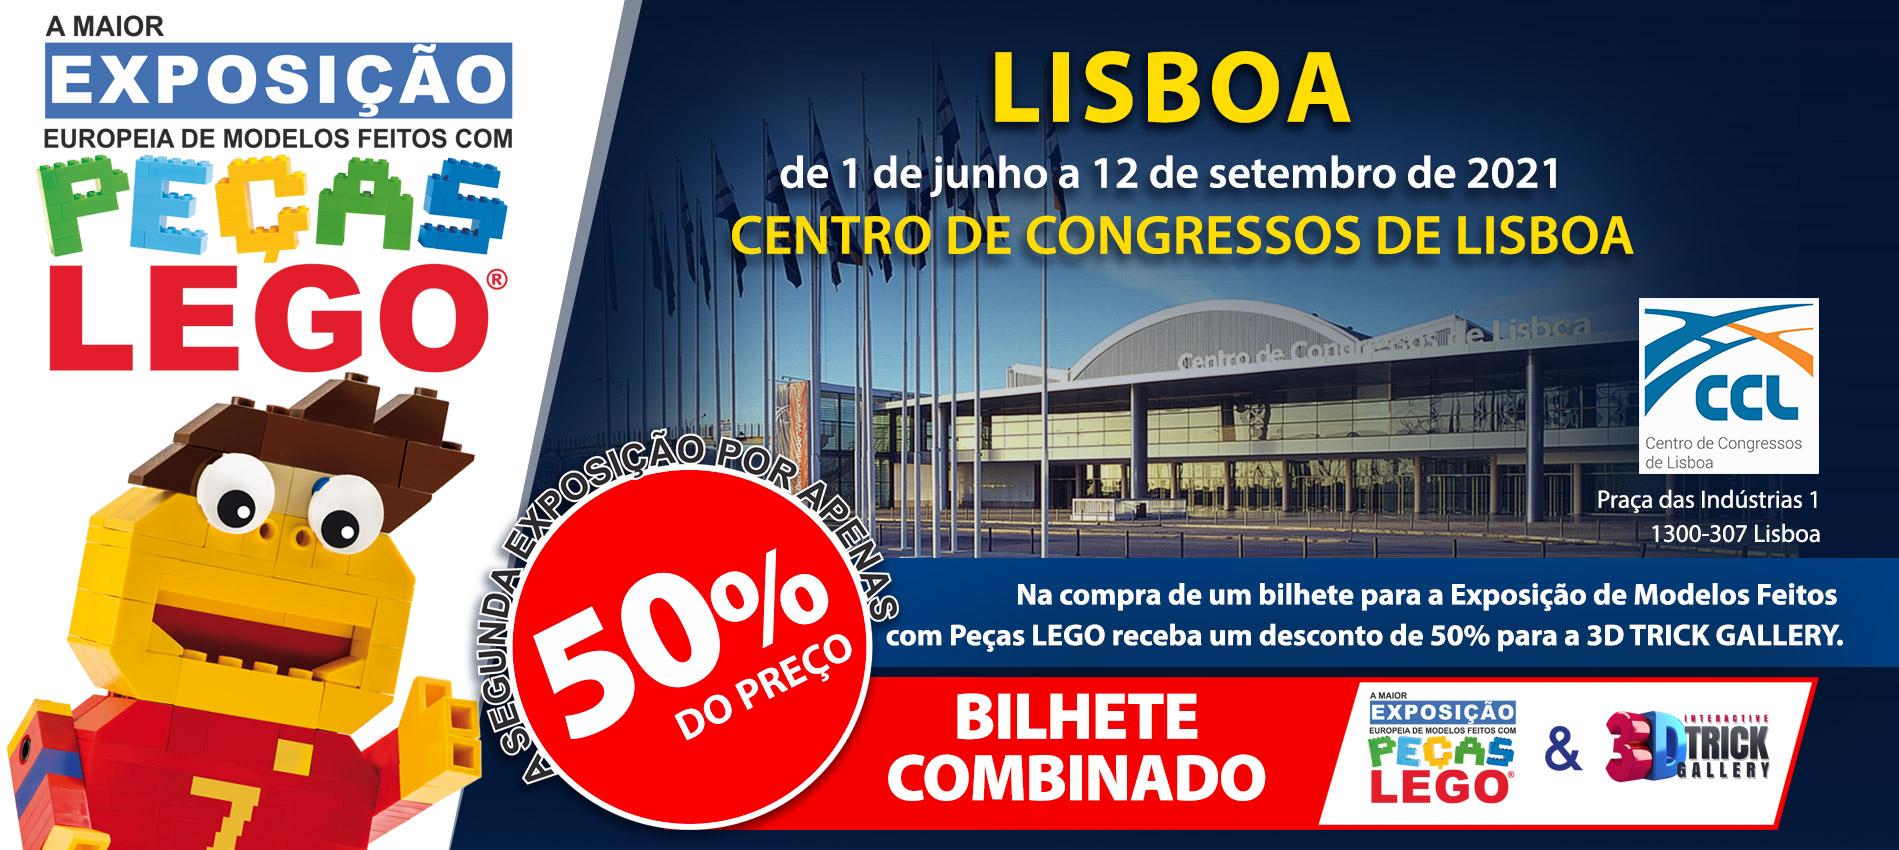 Exposição Peças Lego Belém - Centro de Congressos